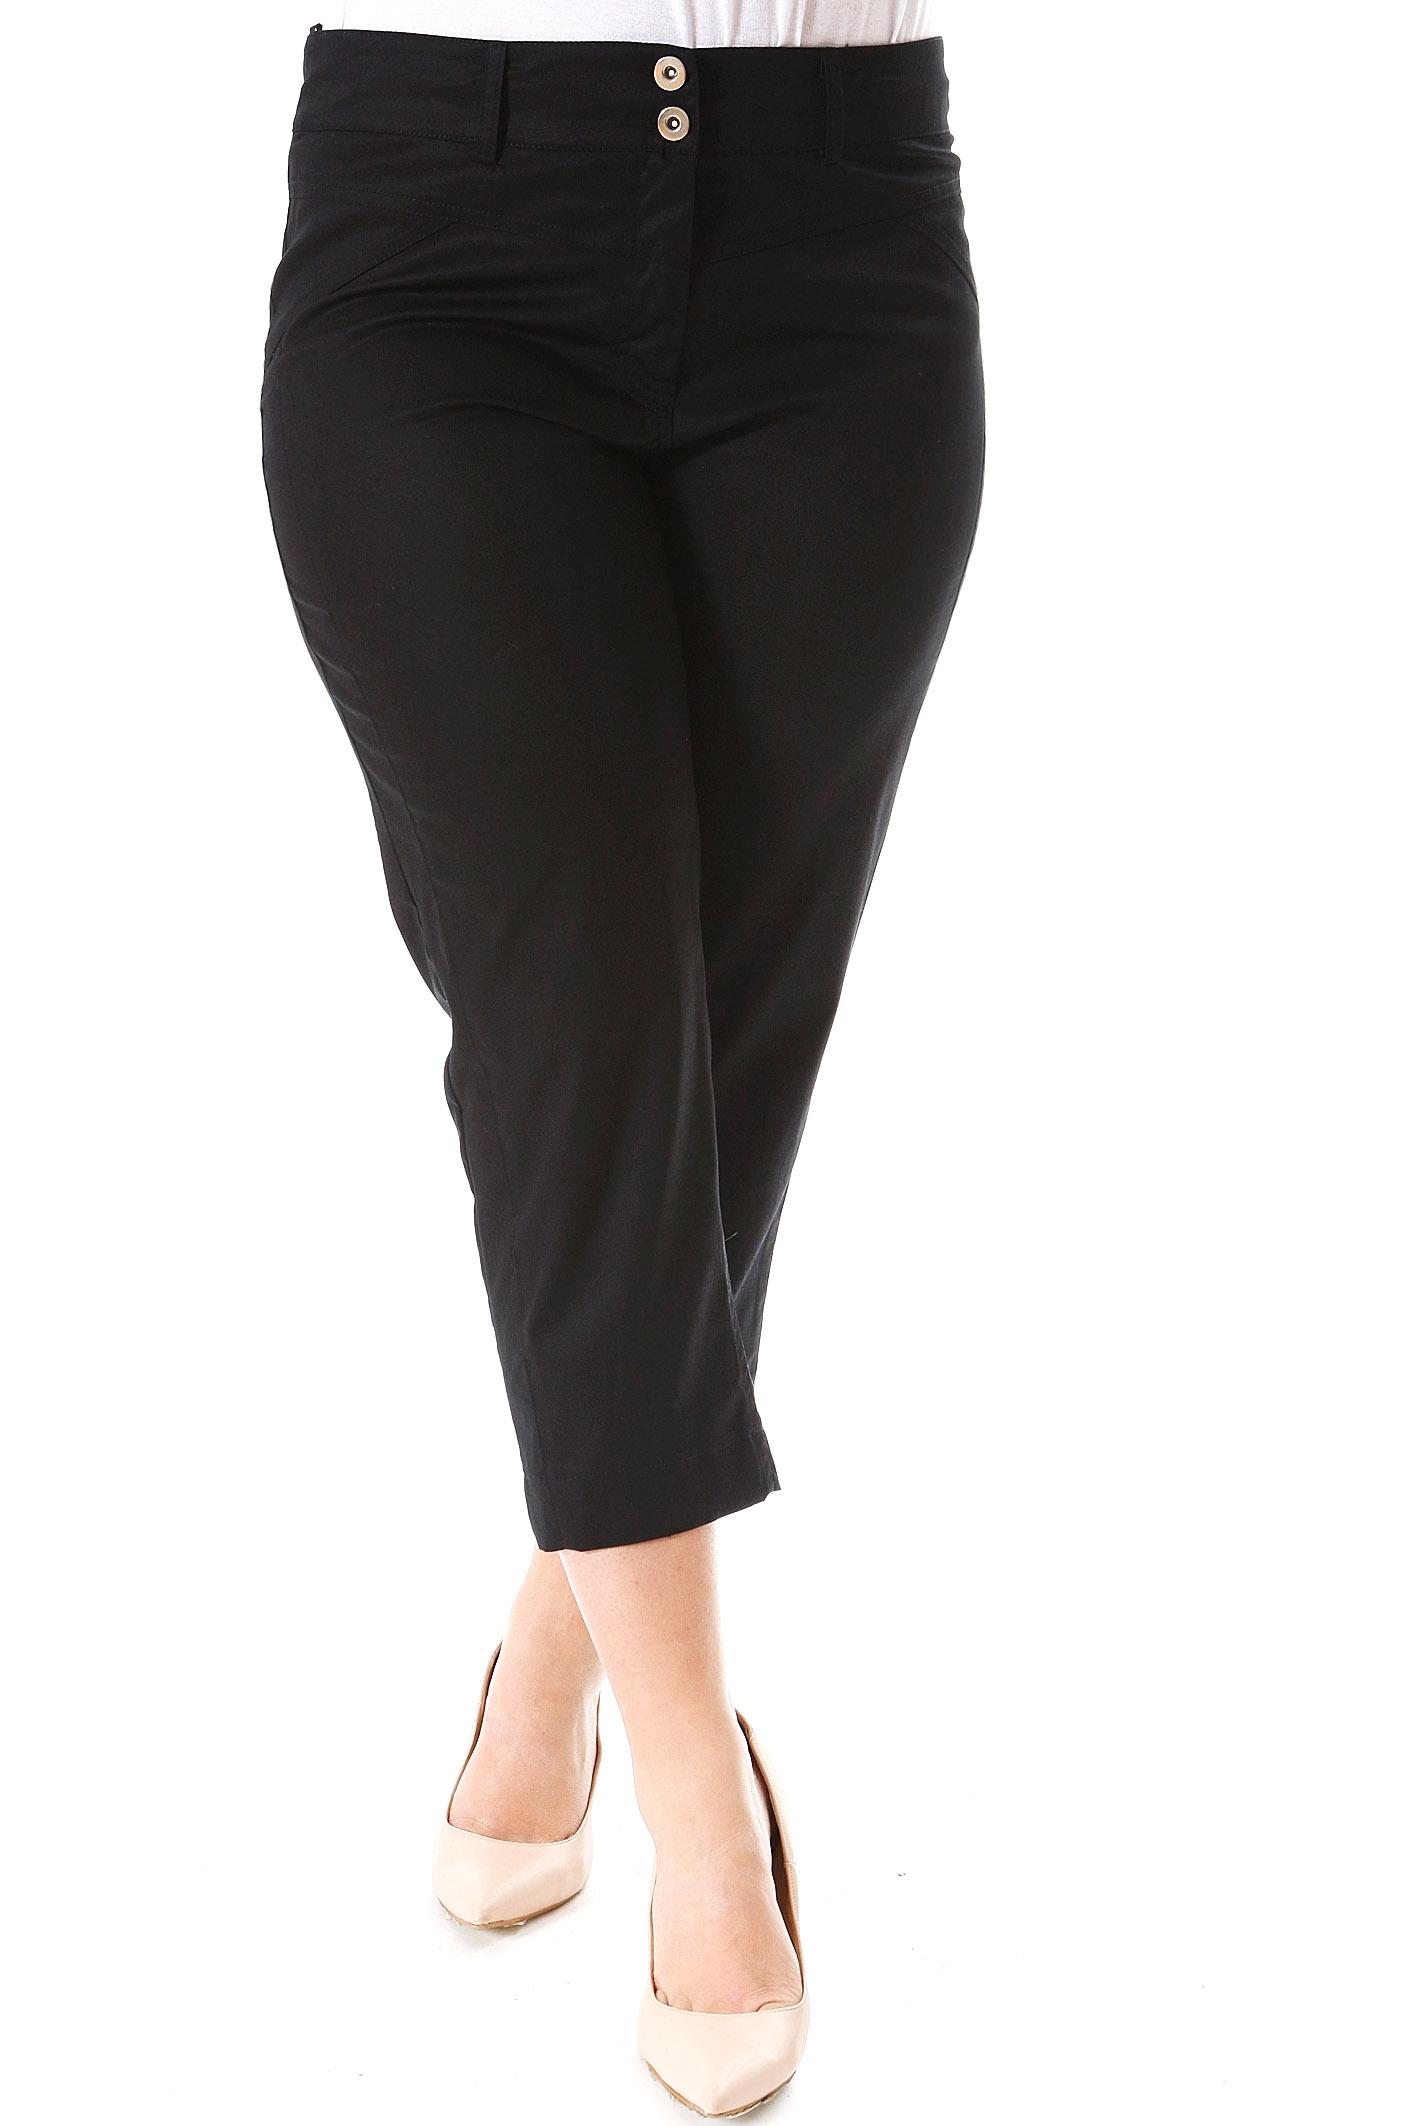 Παντελόνι γκρο κάπρι σε μαύρο χρώμα νέες αφίξεις   ενδύματα   παντελόνια   κολάν   ossigeno